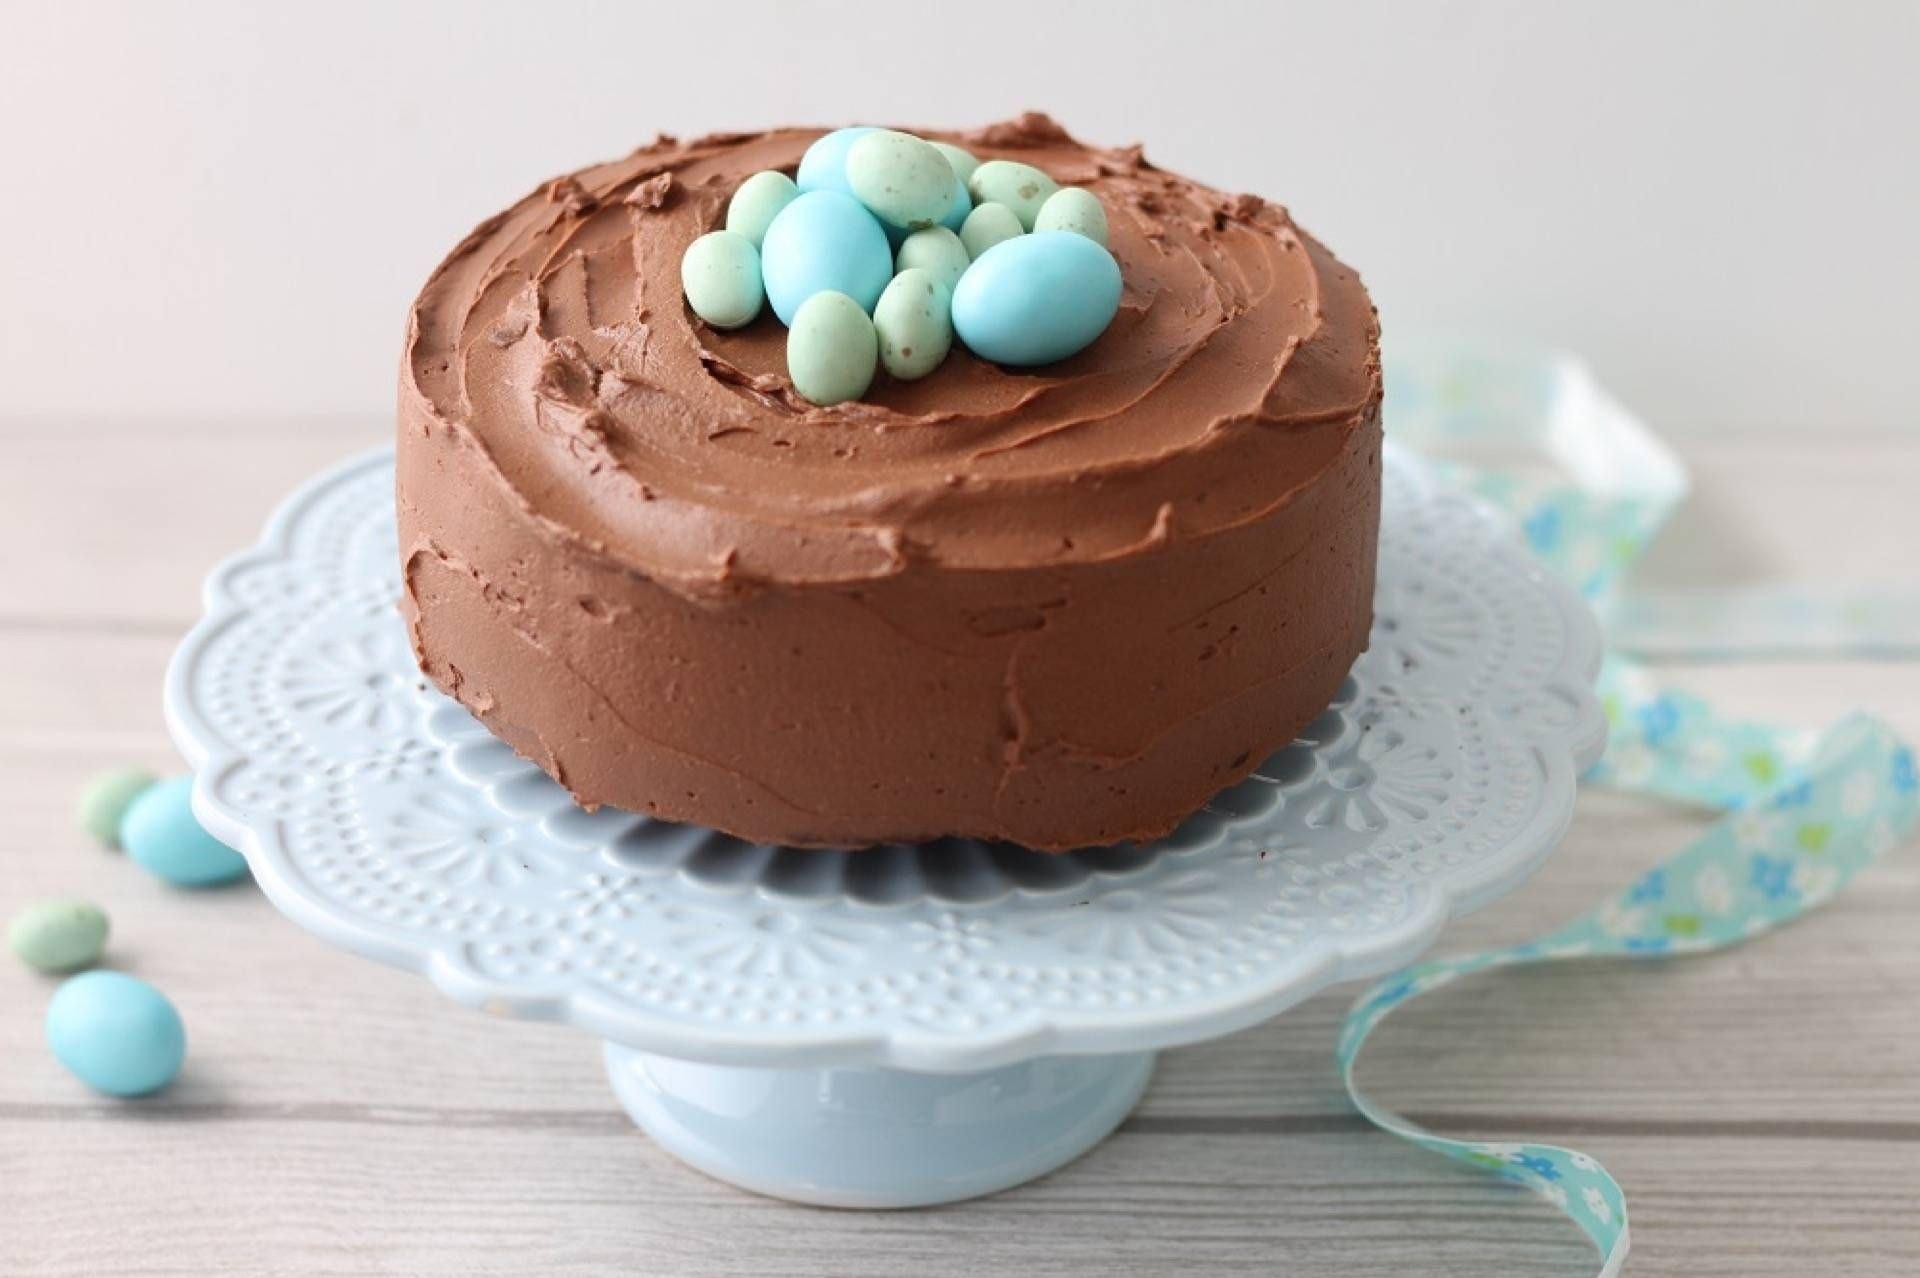 Torta al cacao con crema al mascarpone e cioccolato - Parmalat